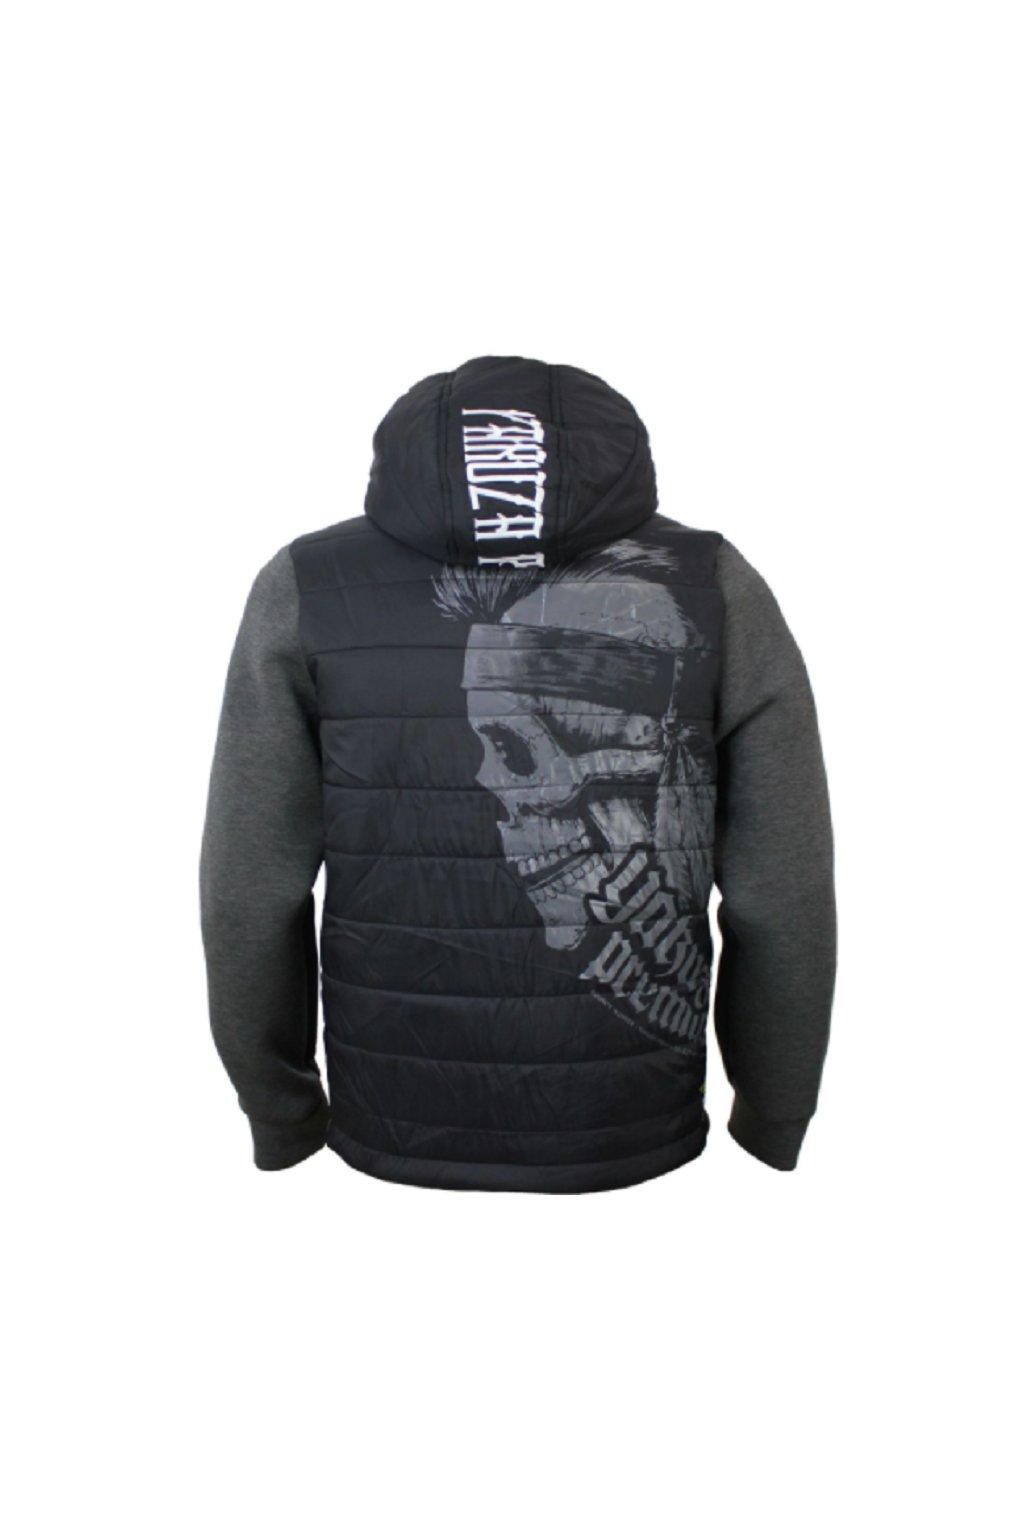 Pánská zimní bunda Yakuza Premium 2928 černá softshellová s kapucí obr1